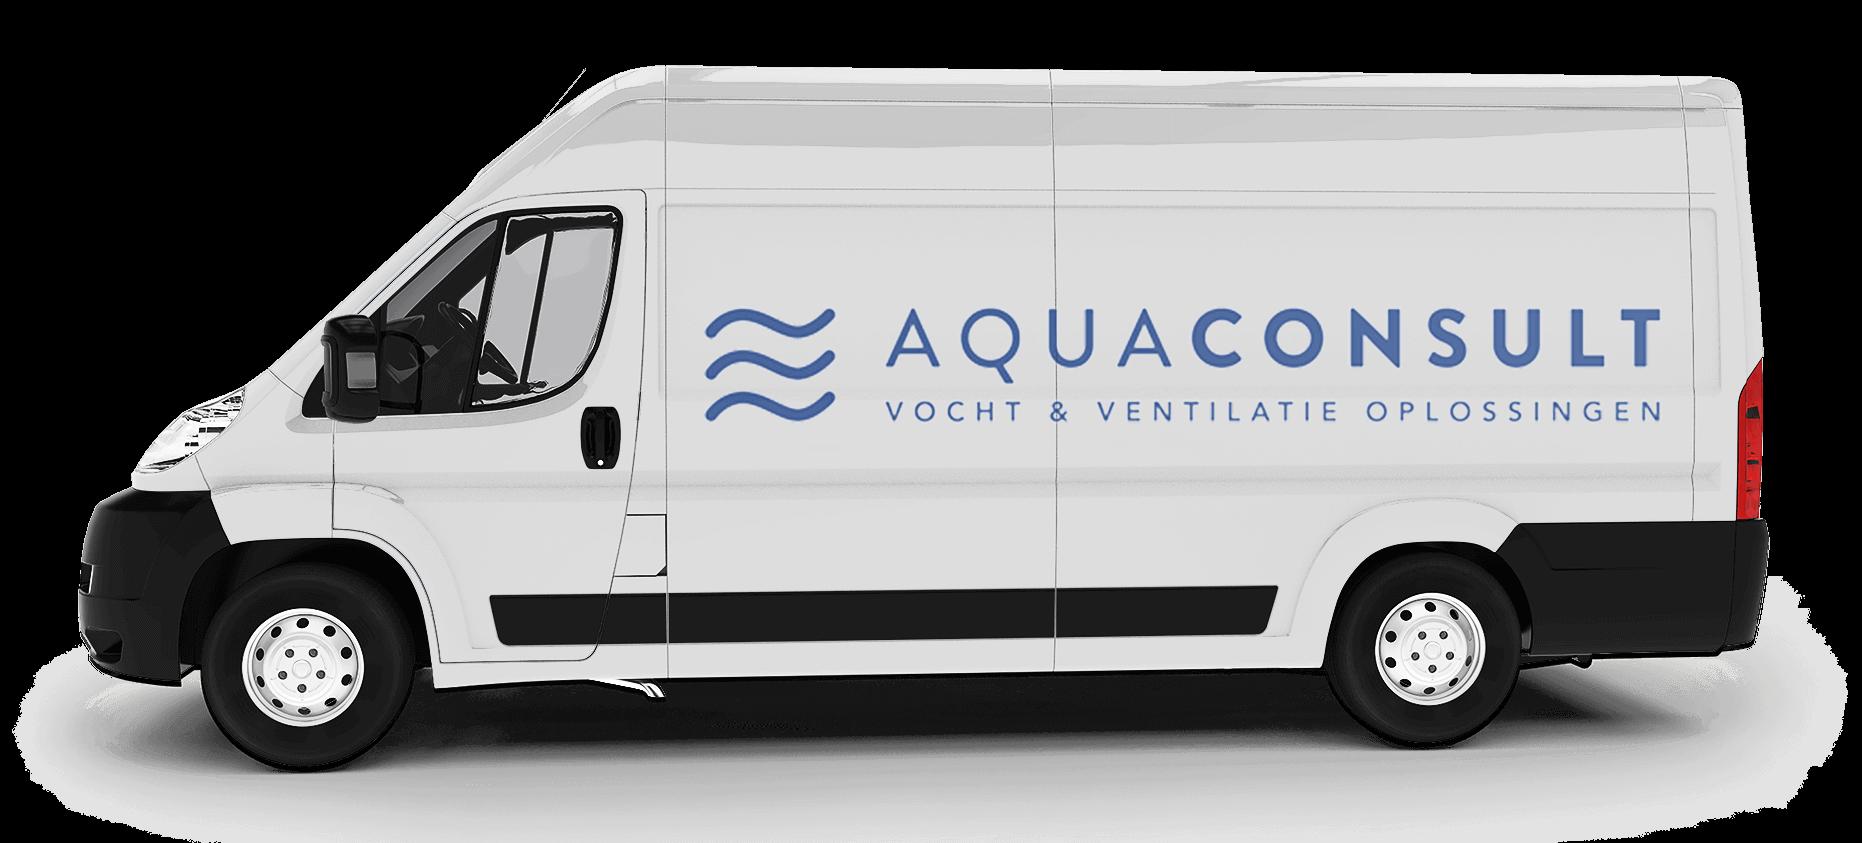 Aquaconsult van logo